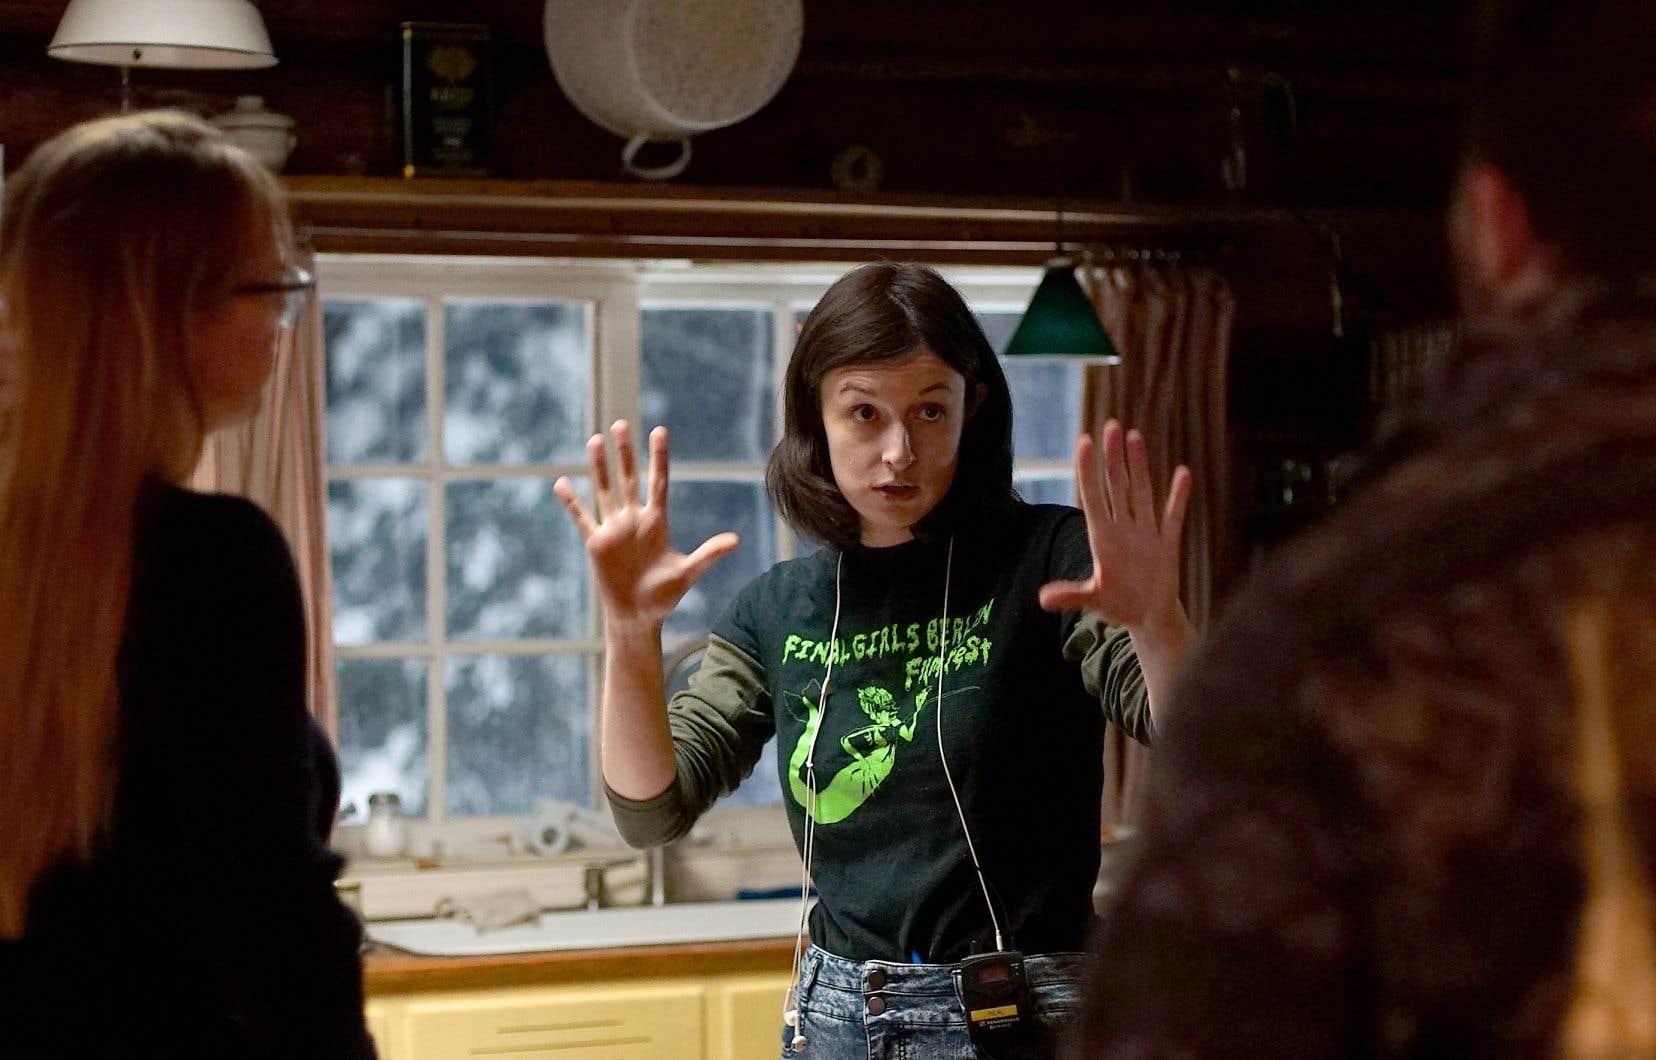 Grand classique du film d'horreur, le chalet dans la forêt a été choisi comme toile de fond par Amelia Moses pour <em>Bleed With Me</em>.